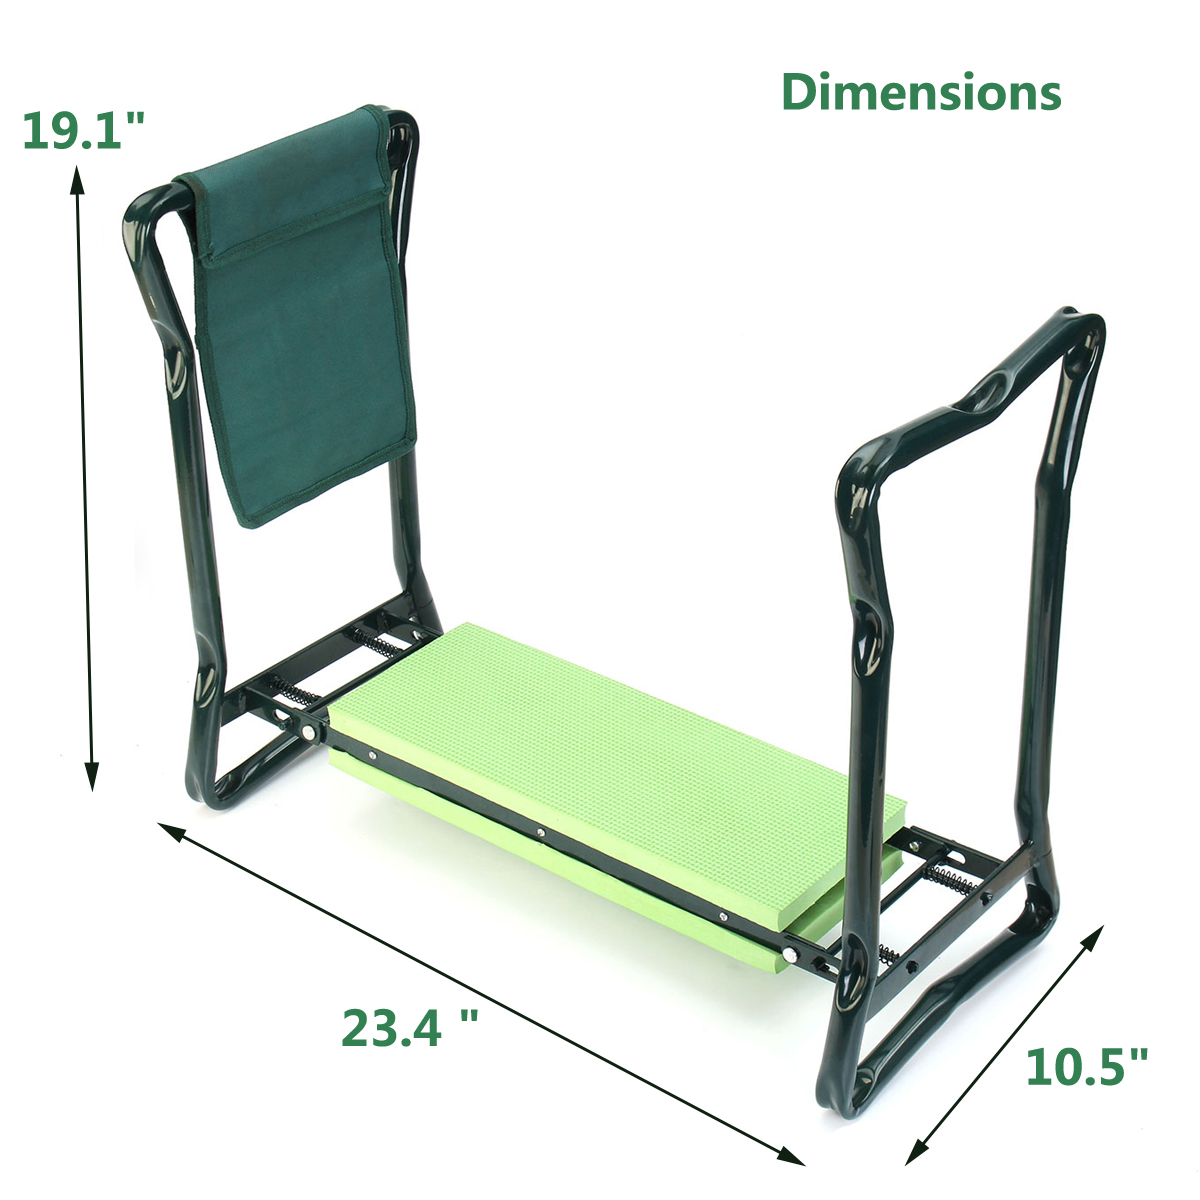 tempsa agenouilloir jardinage tabouret chaise genou banc si ge pliable avec sac achat vente. Black Bedroom Furniture Sets. Home Design Ideas